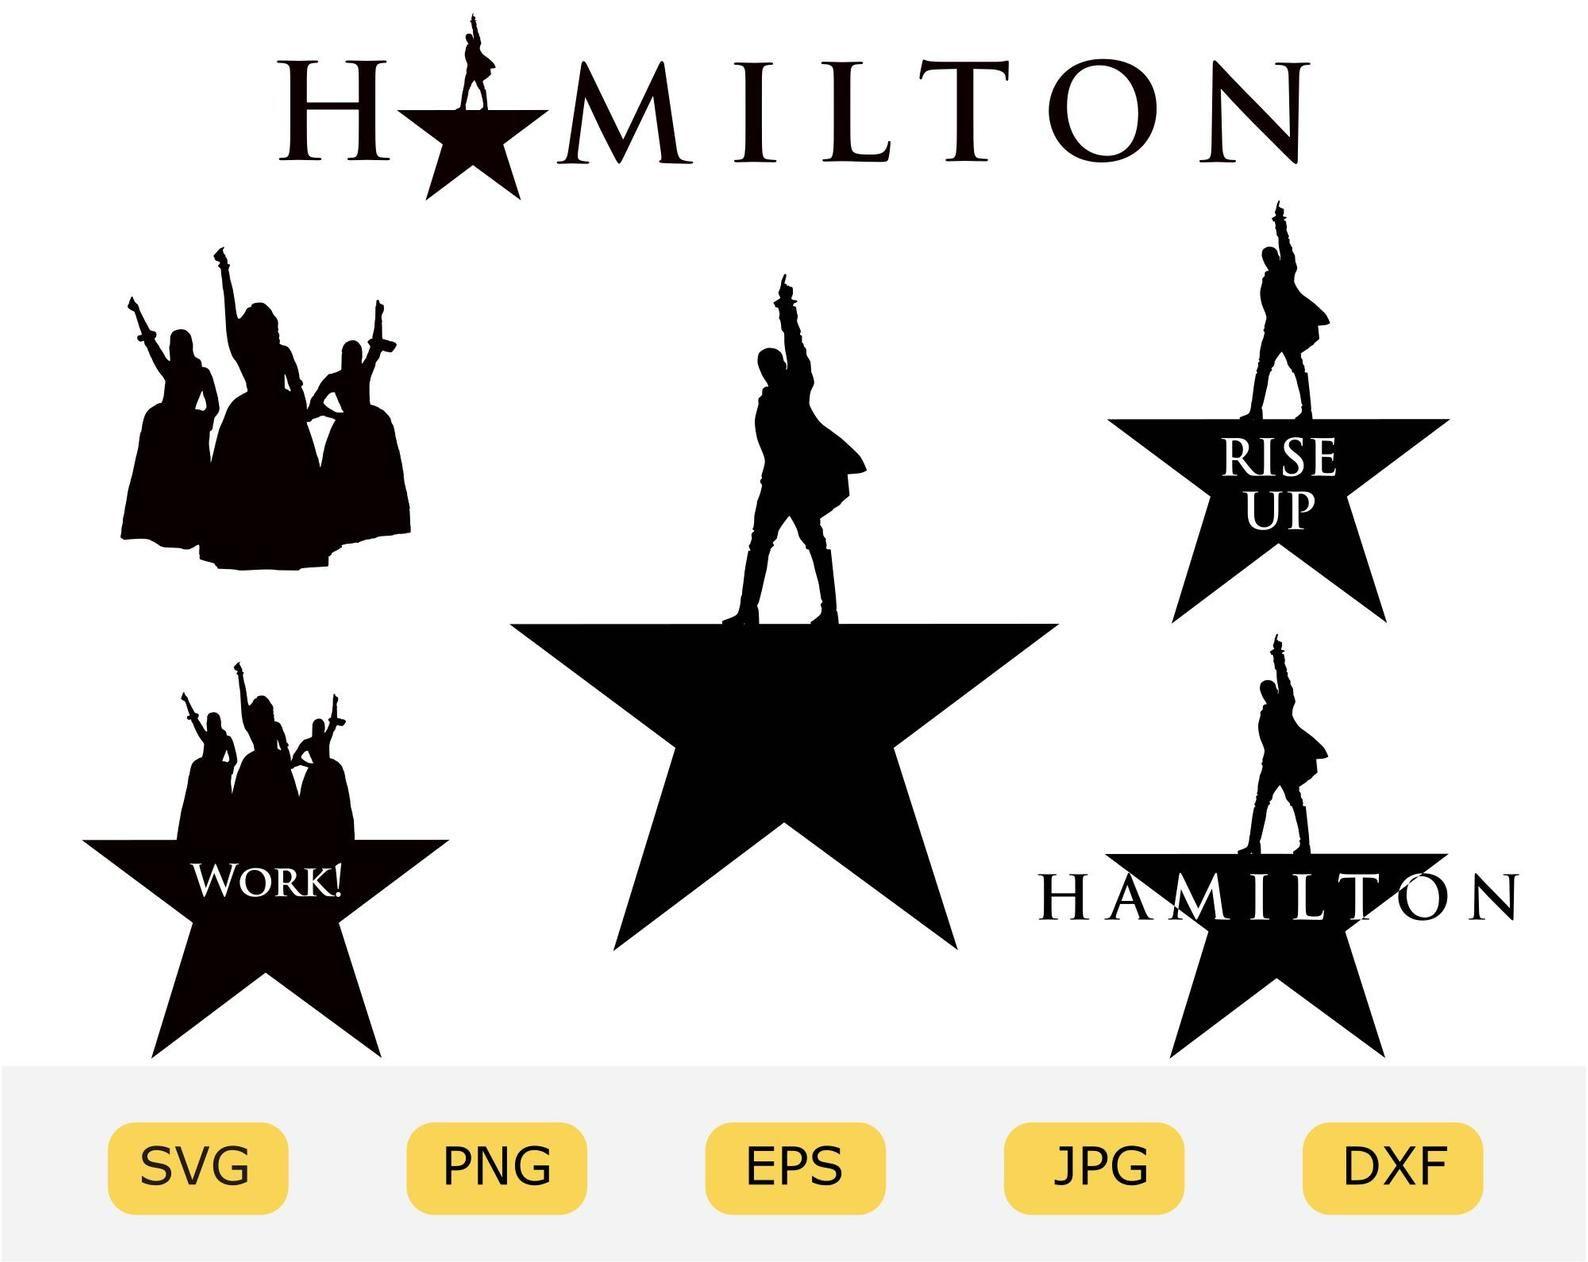 Hamilton Svg Bundle Broadway Musical Schulyer Sisters Etsy Star Outline Hamilton Logo Svg